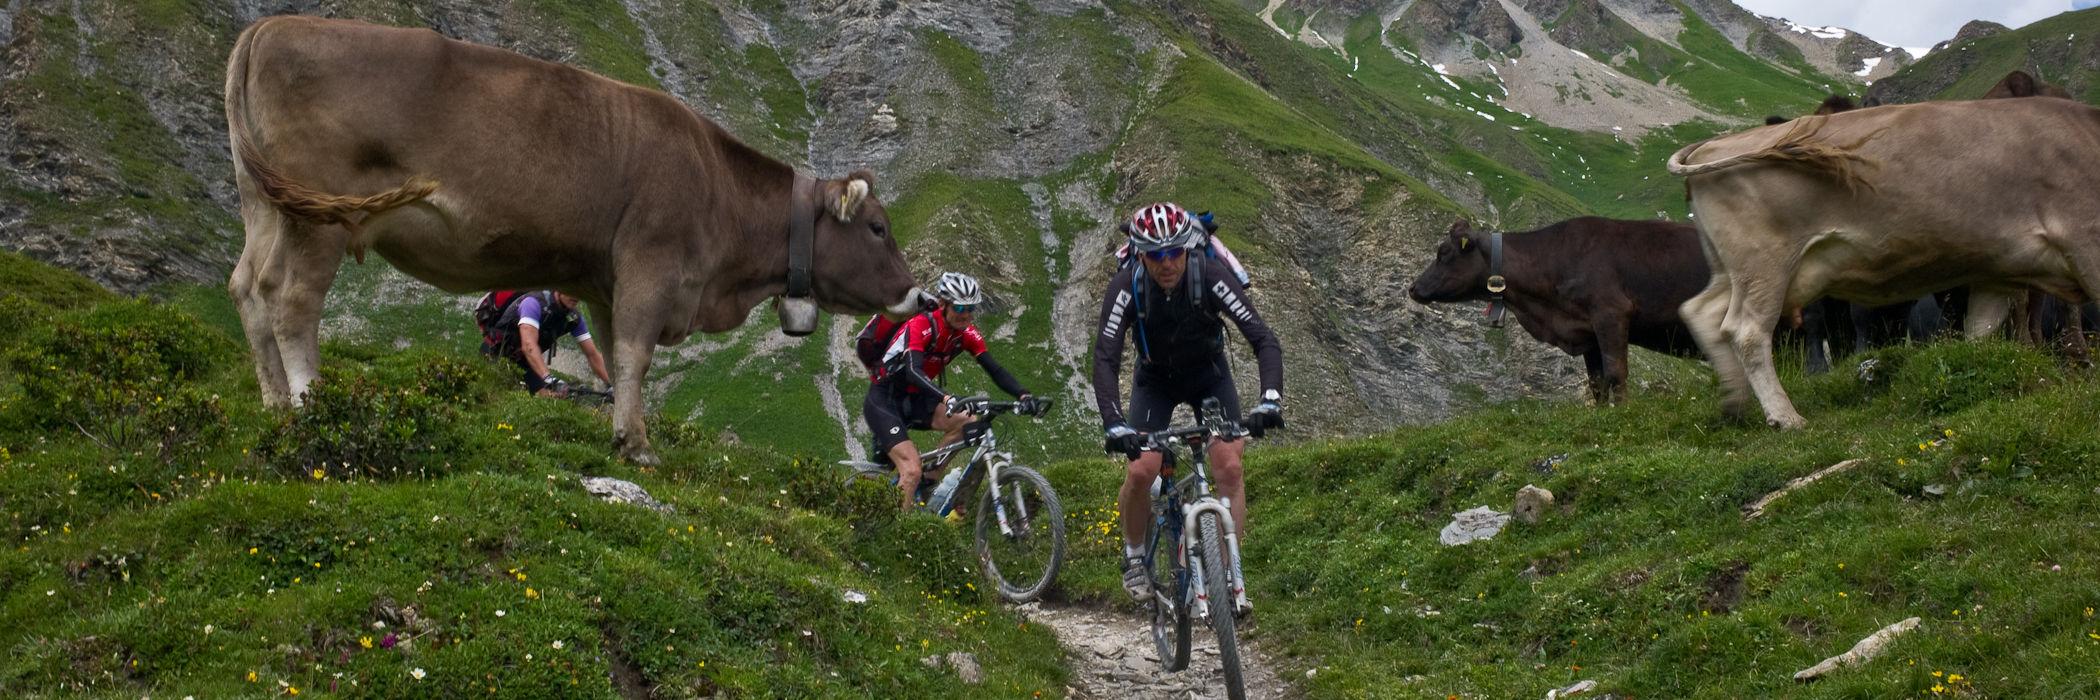 Mit dem Mountainbike über den Trail